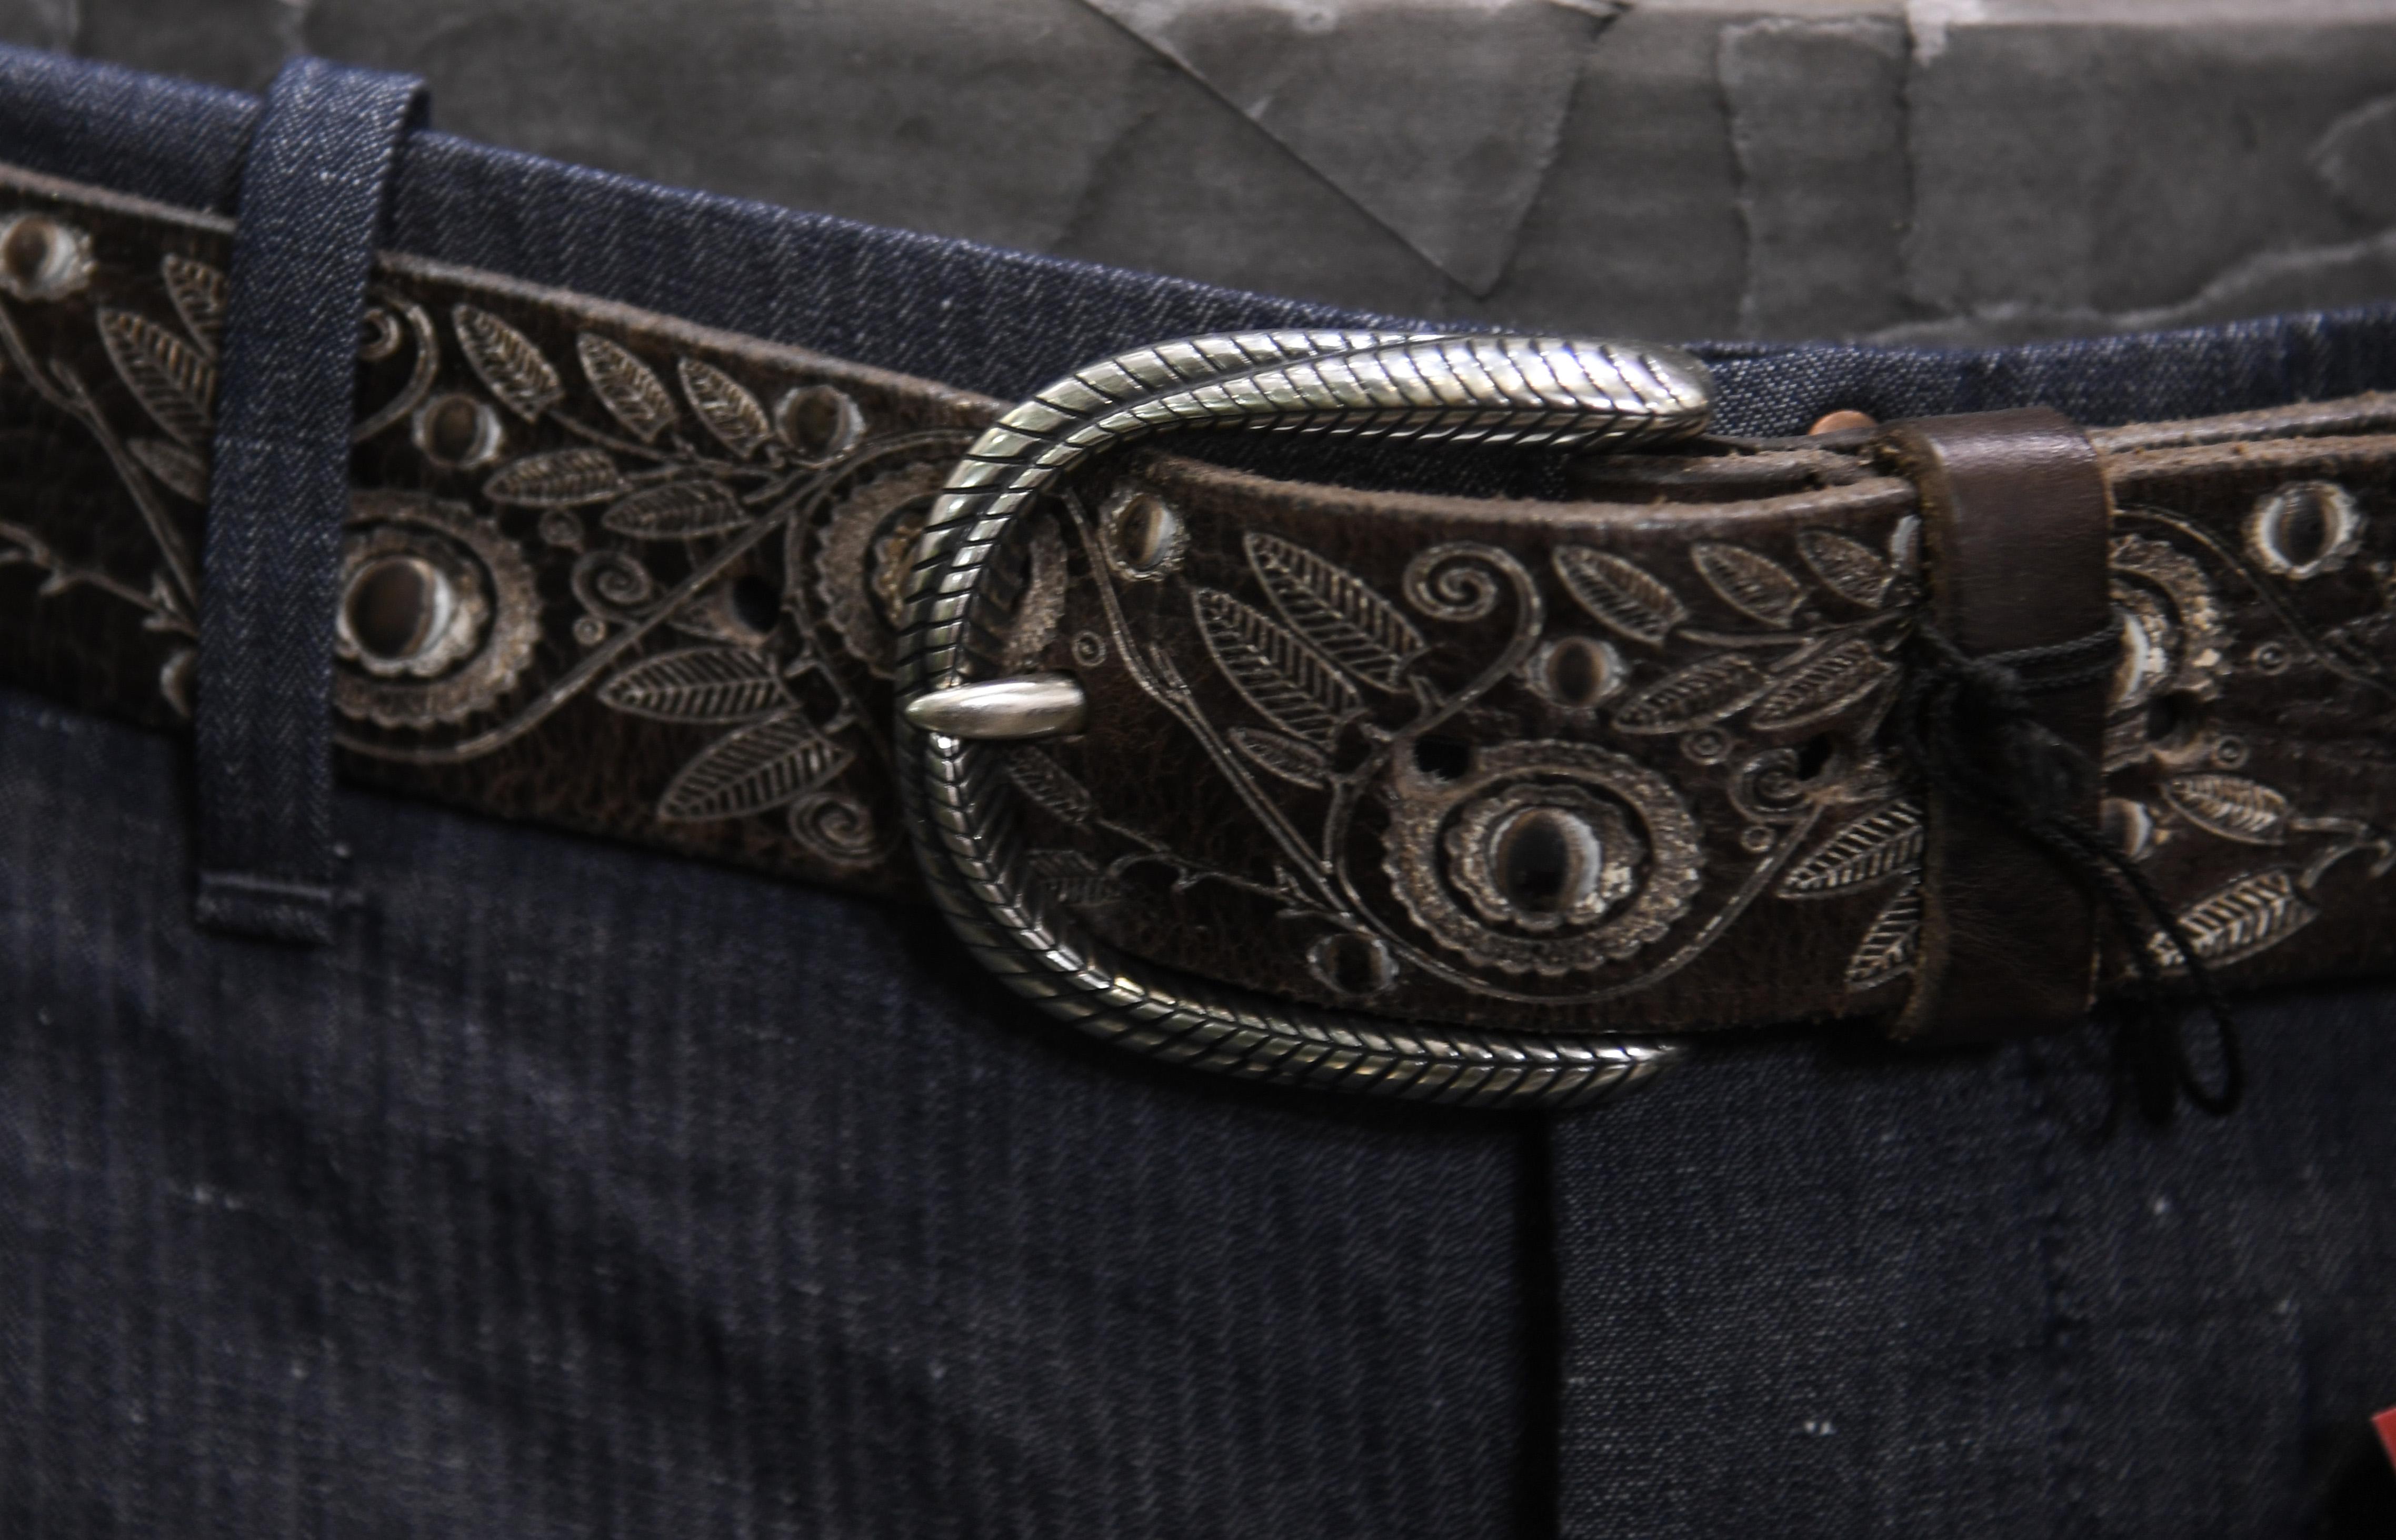 cintura uomo orciani in pelle lavorata con fibbia stondata incisa